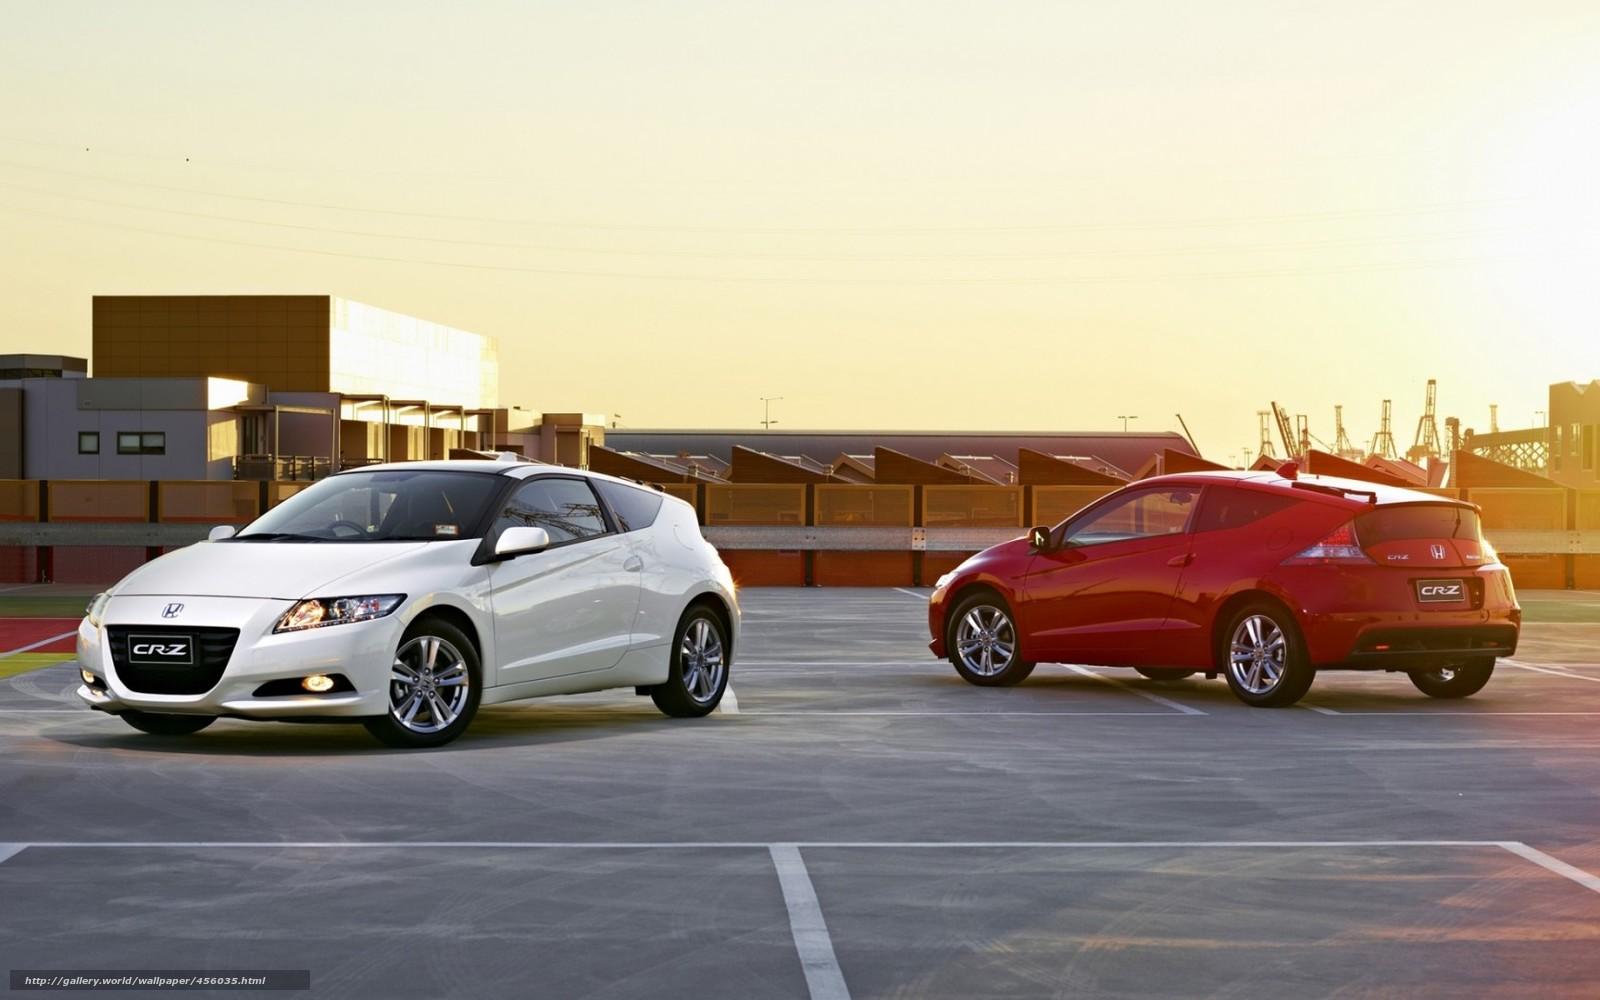 Скачать обои Хонда,  ЦР-З,  Honda бесплатно для рабочего стола в разрешении 1680x1050 — картинка №456035